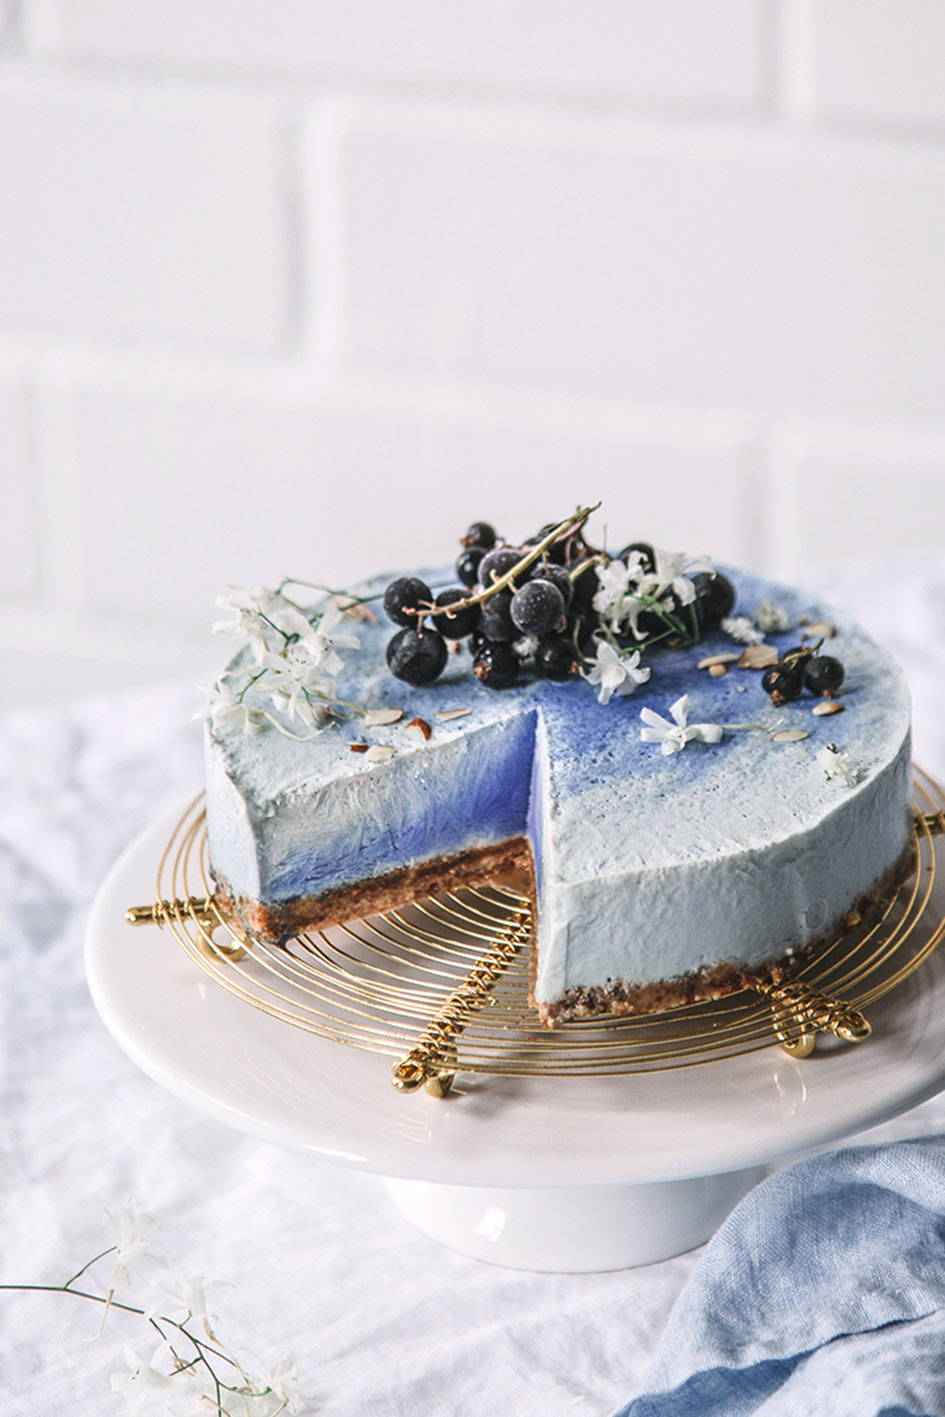 Blaue Eistorte mit Blaubeeren dekoriert auf Kuchengitter und Tortenplatte.